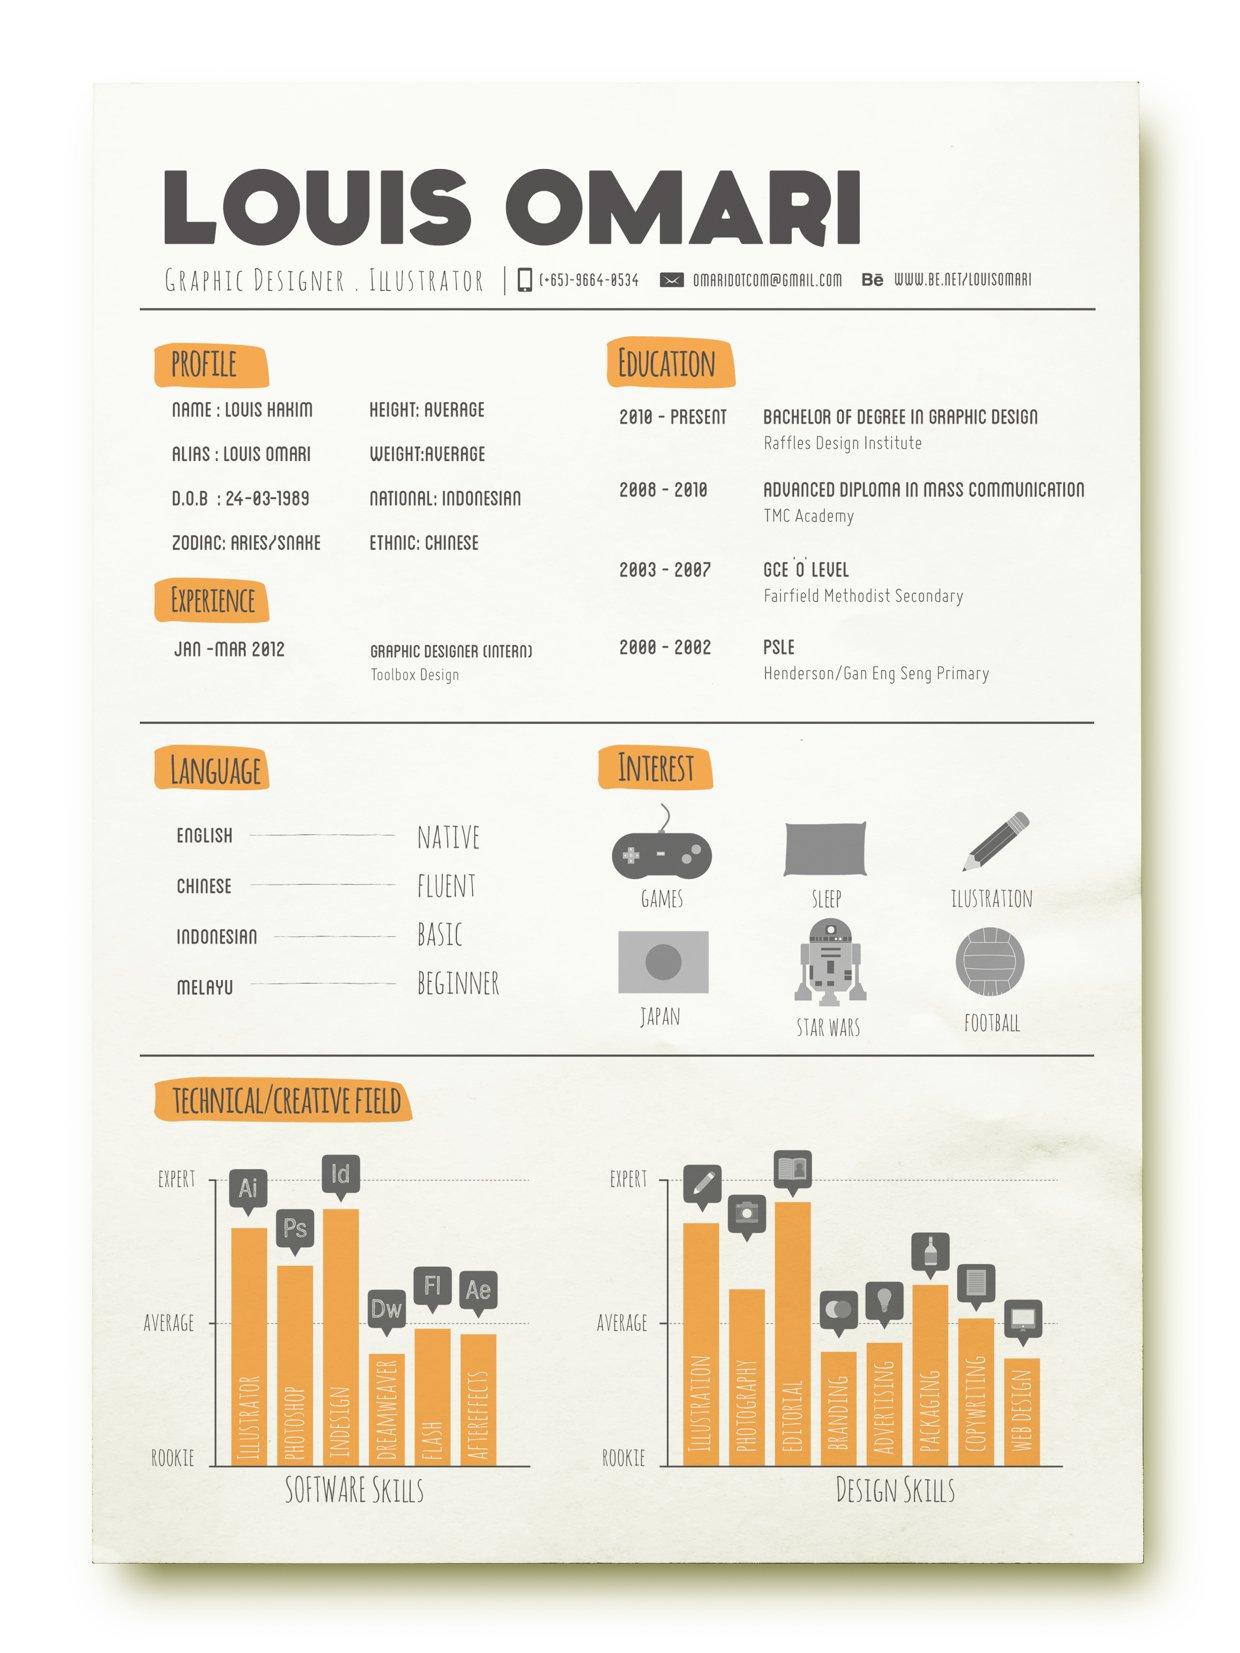 Resume by Louis Omari